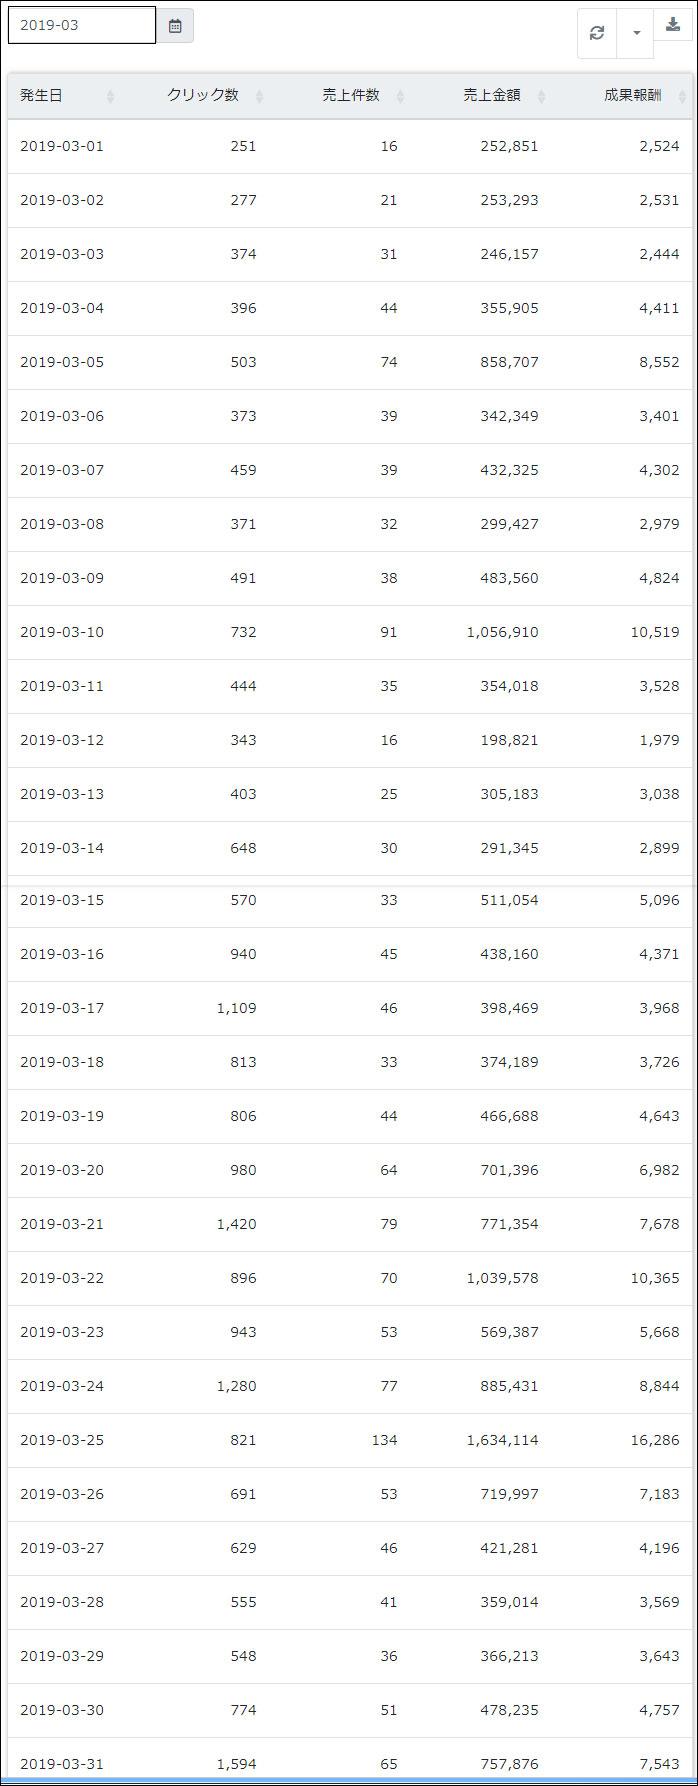 楽天アフィリエイト 新制度の売上 比較